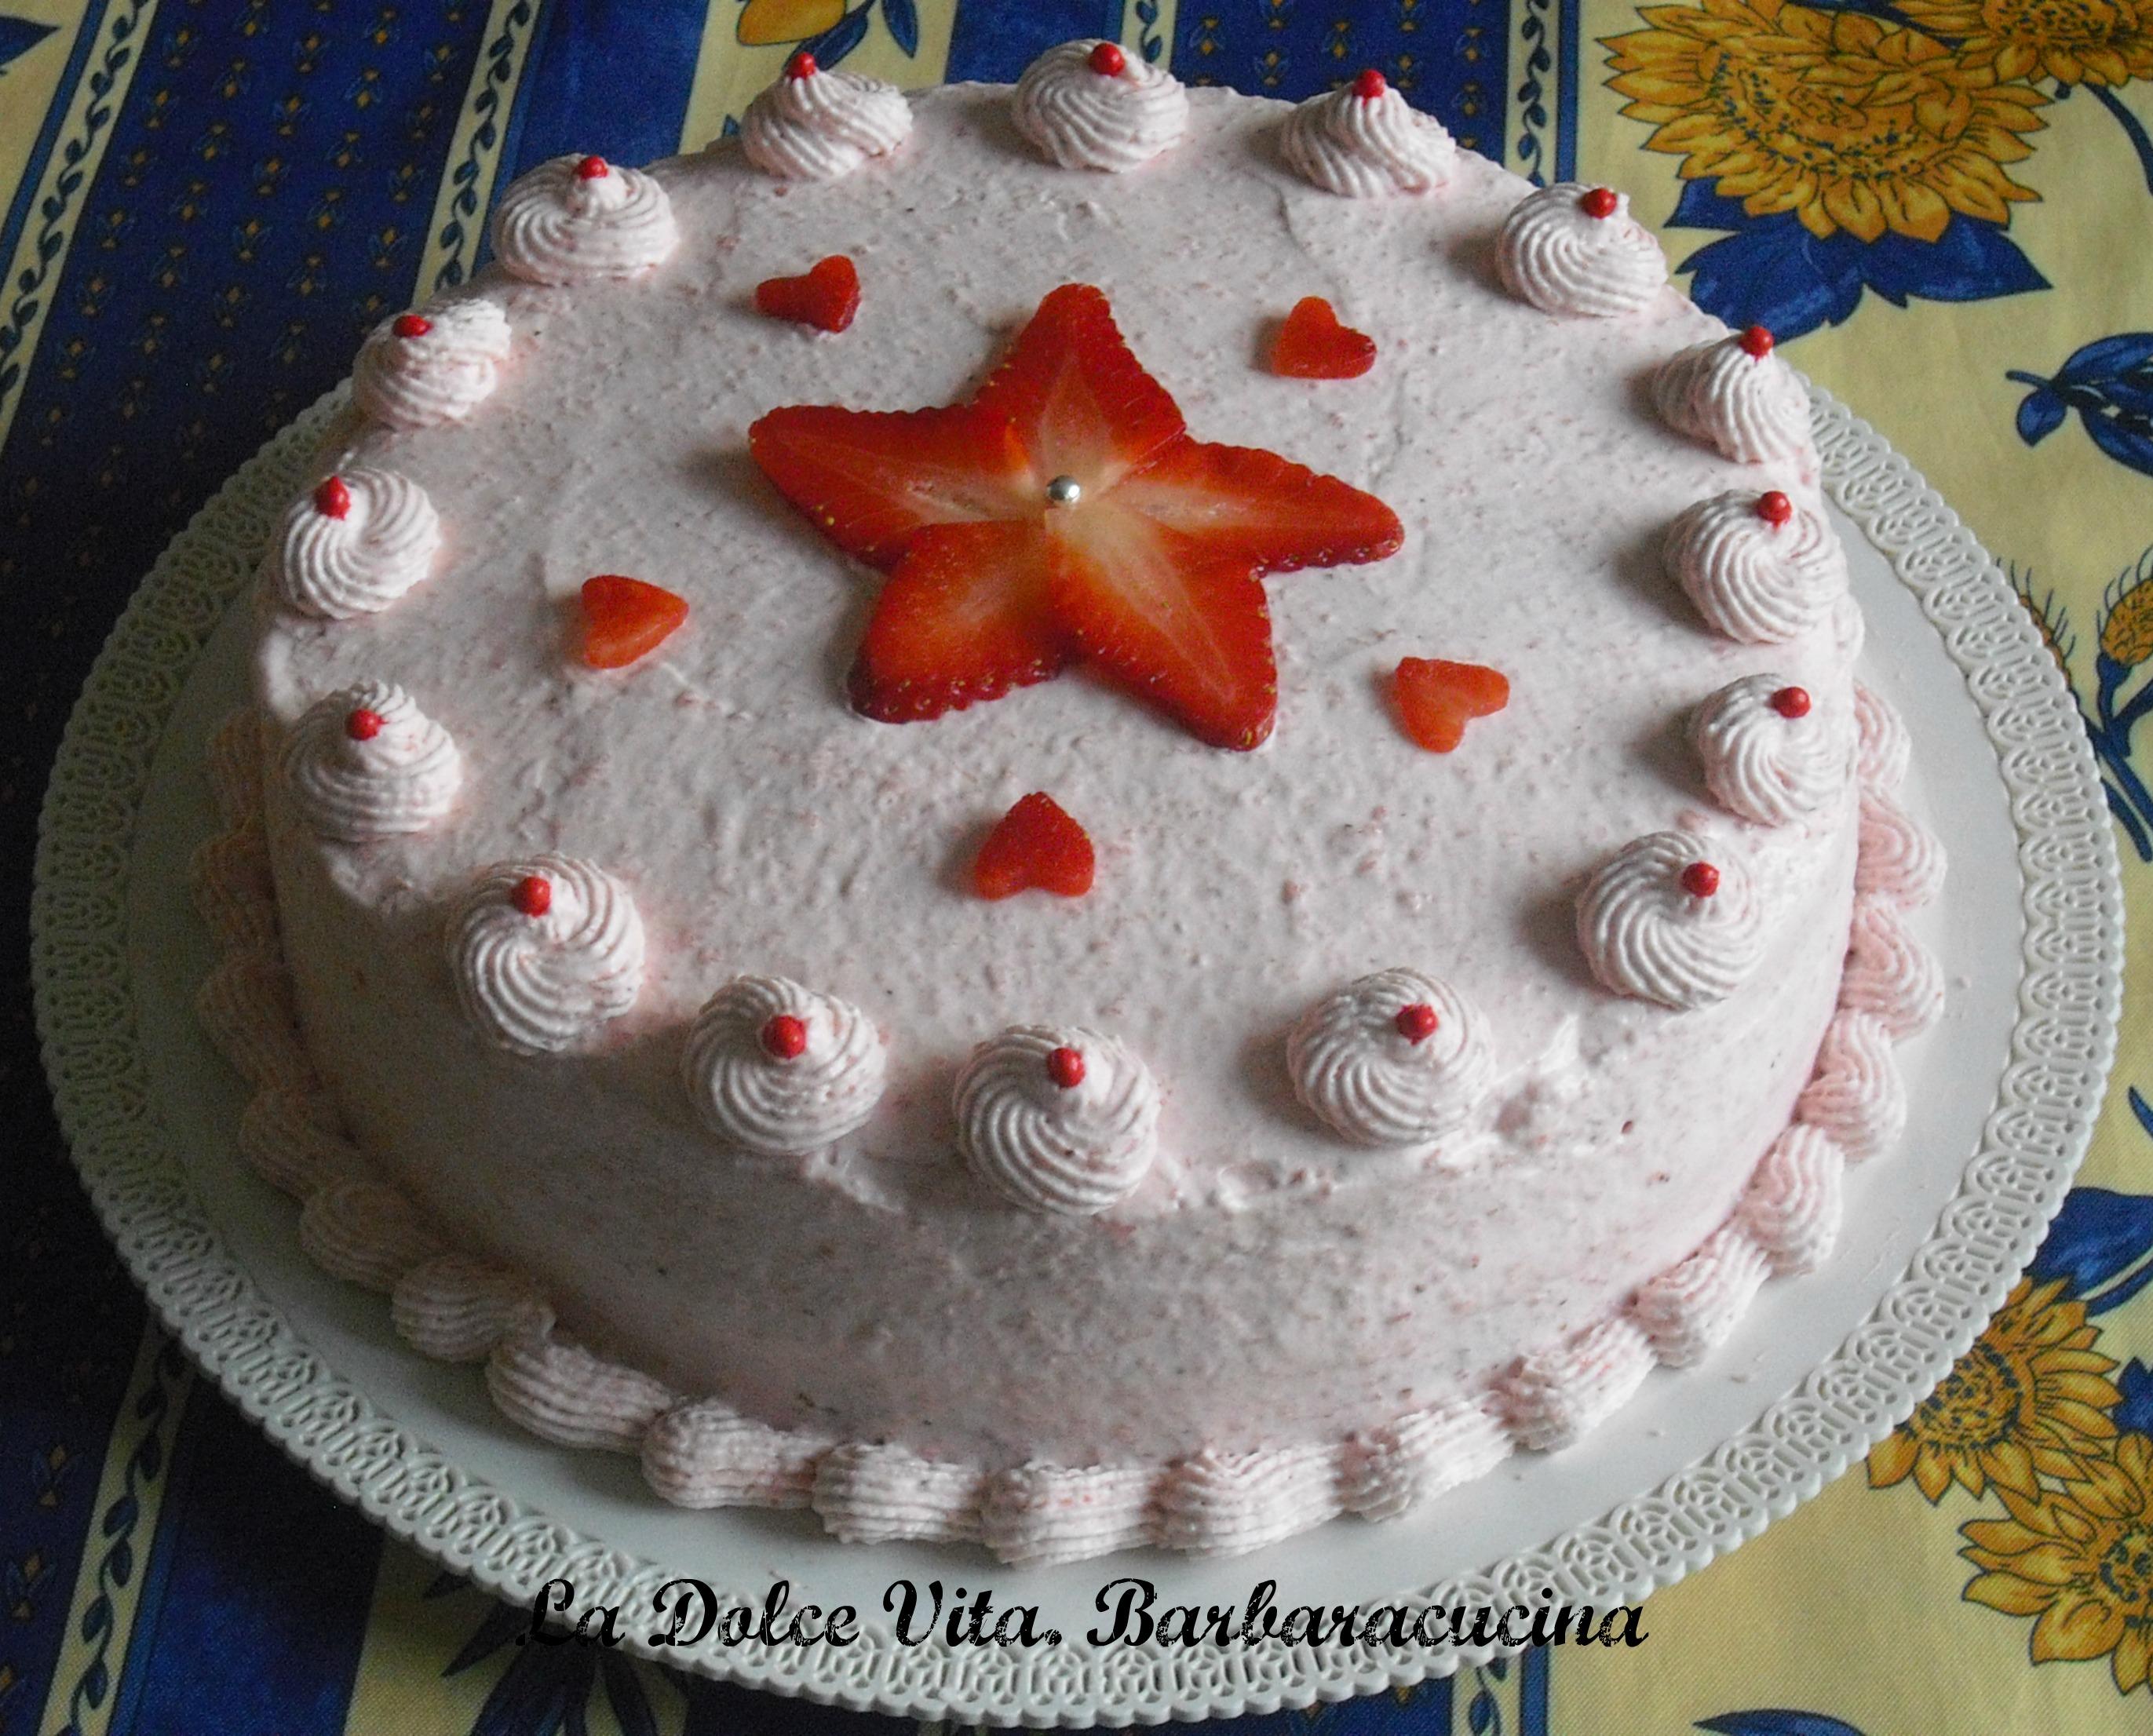 Torte e decorazioni come decorare una torta con la panna for Decorazioni torte vendita